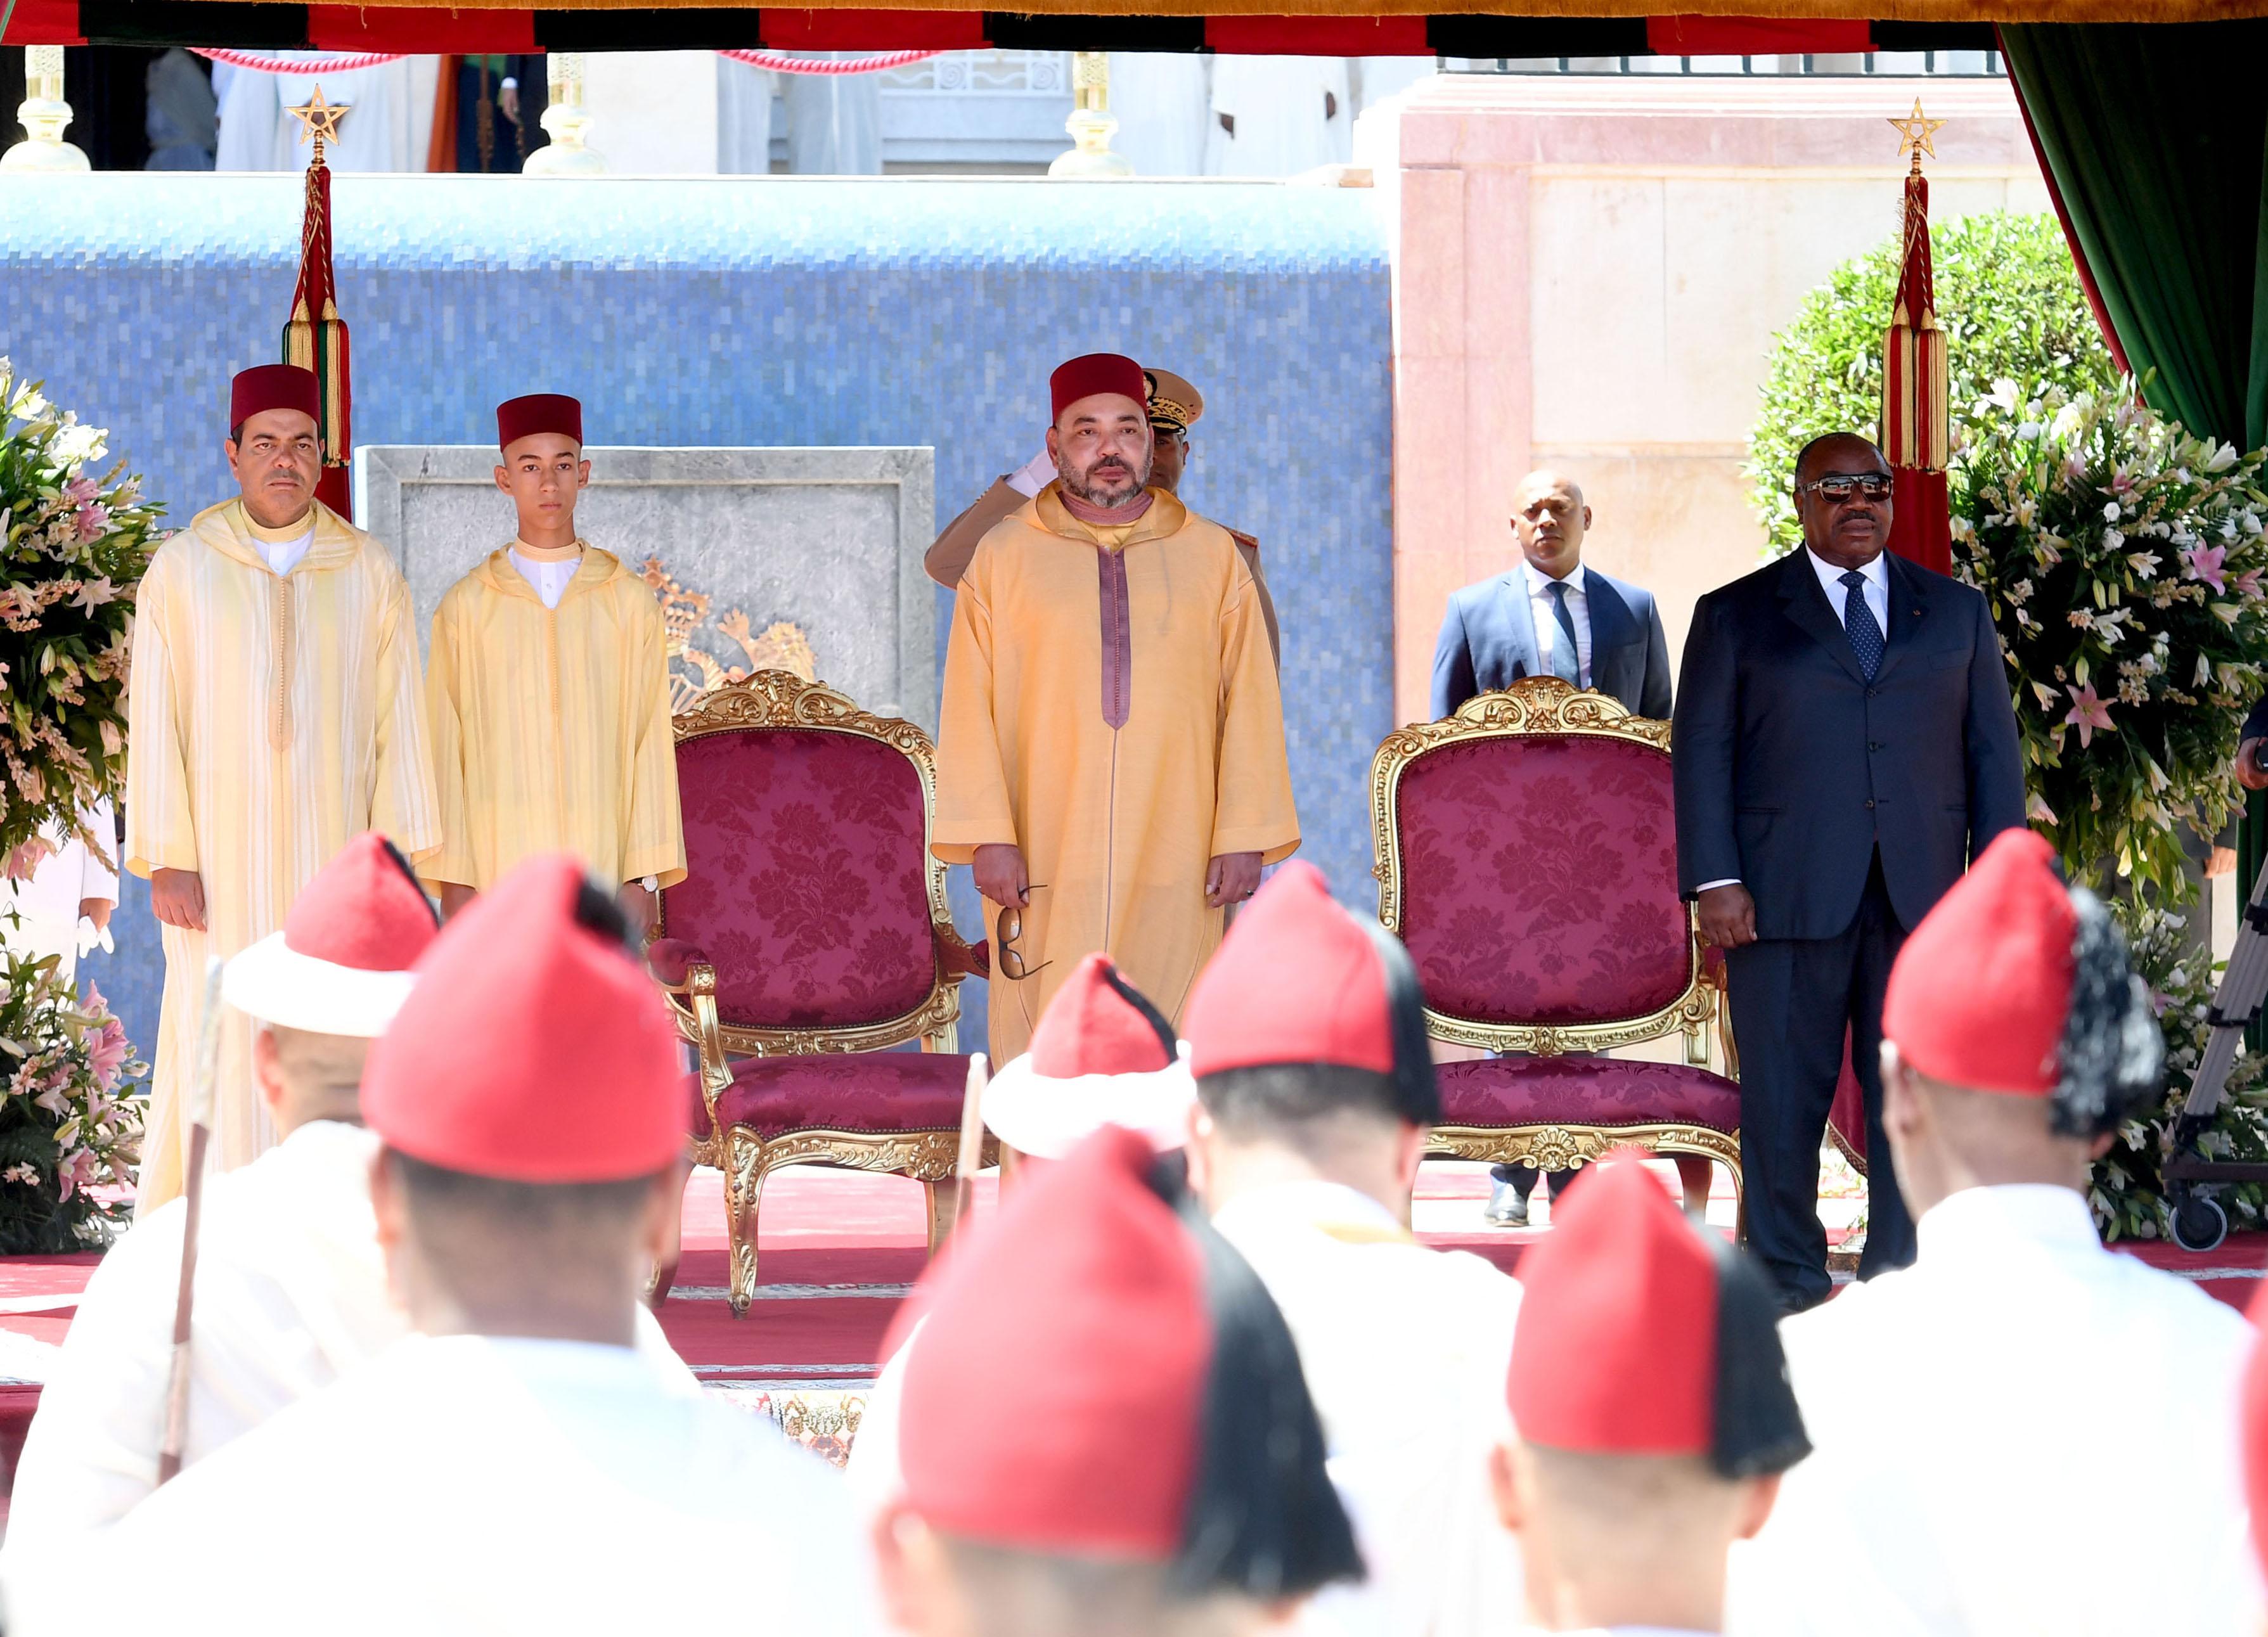 الملك يترأس حفل استقبال بمناسبة عيد العرش ويوشح علماء وأكاديميين